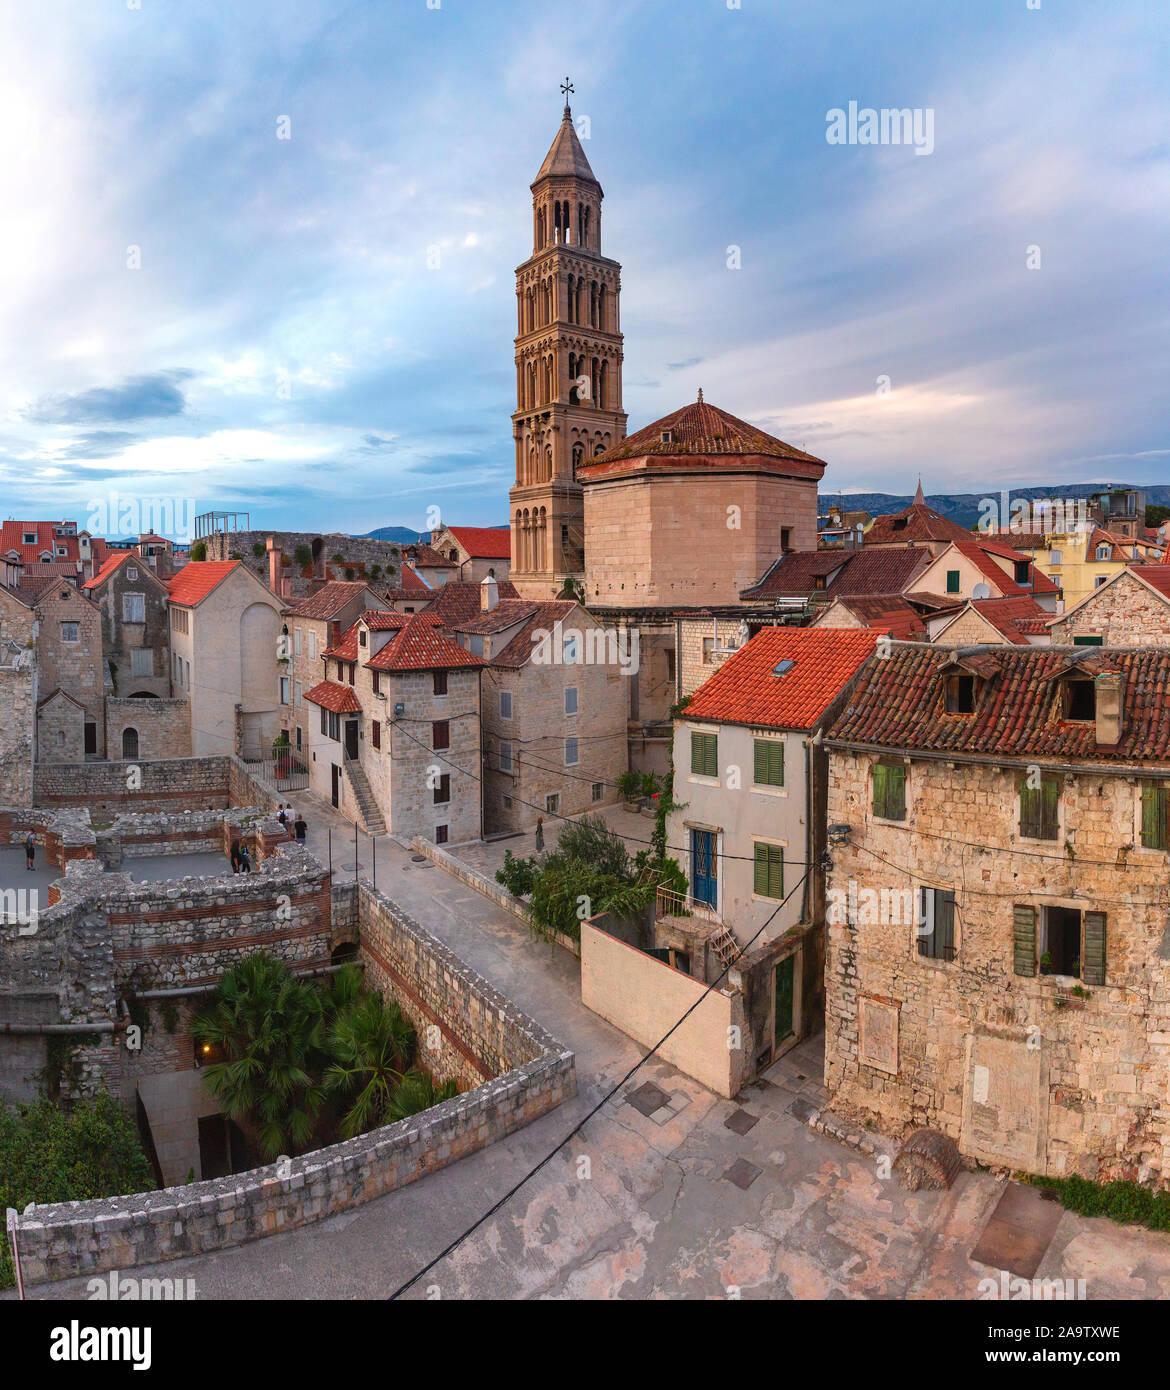 Vista aérea de la catedral de san Domnio, en el Palacio de Diocleciano en la parte vieja de la ciudad de Split, la segunda ciudad más grande de Croacia en la mañana Foto de stock